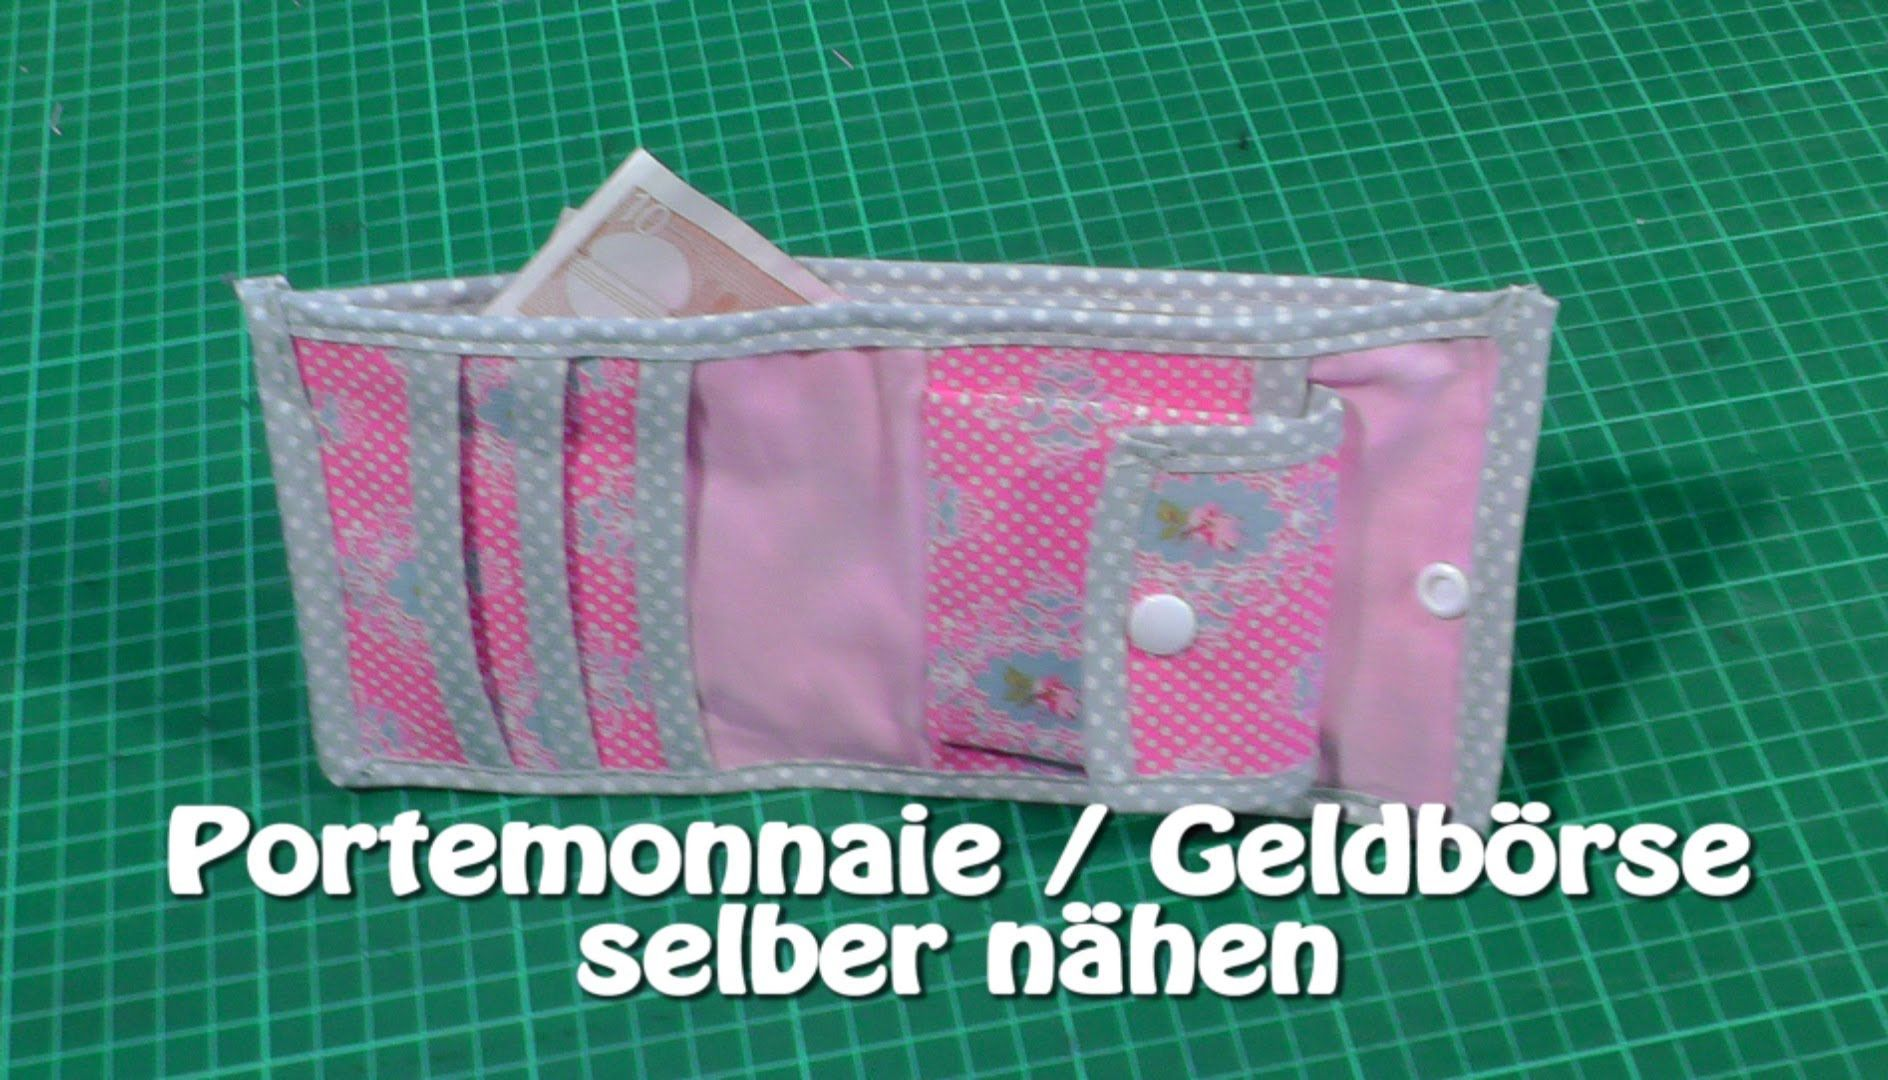 Portemonnaie / Geldbörse selber nähen mit Schnittmuster I Neuer ...